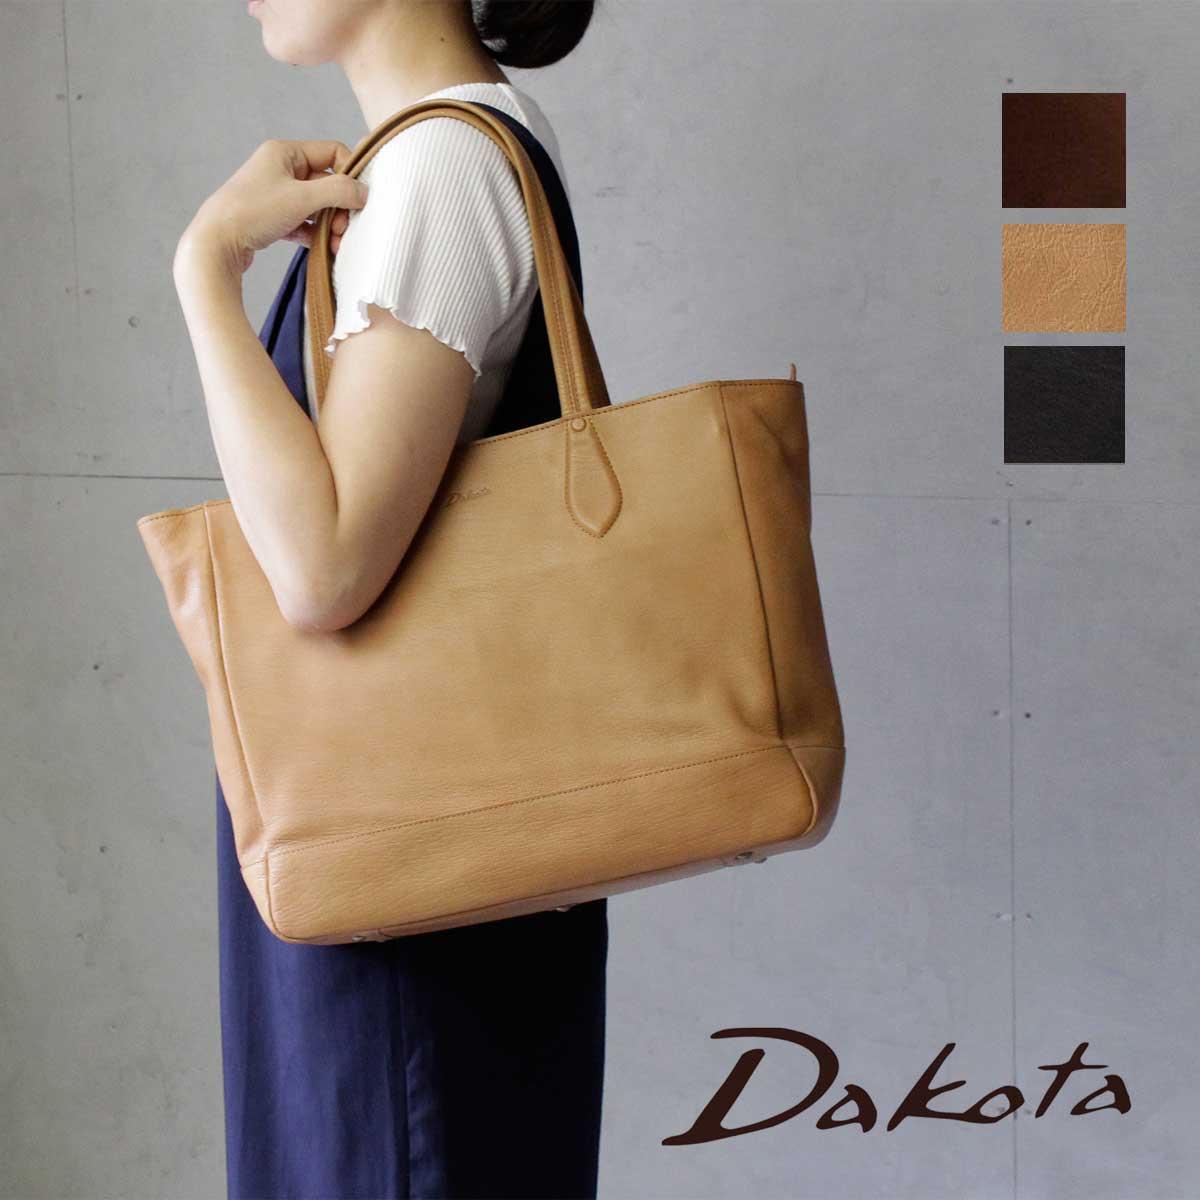 ダコタ バッグ Dakota 軽量 カジュアル レディース トートバッグ プレゼントラッピング無料です。 【選べるノベルティ大好評】Dakota ダコタ ロザリア トートバッグ 1033951【A4】【日本製】